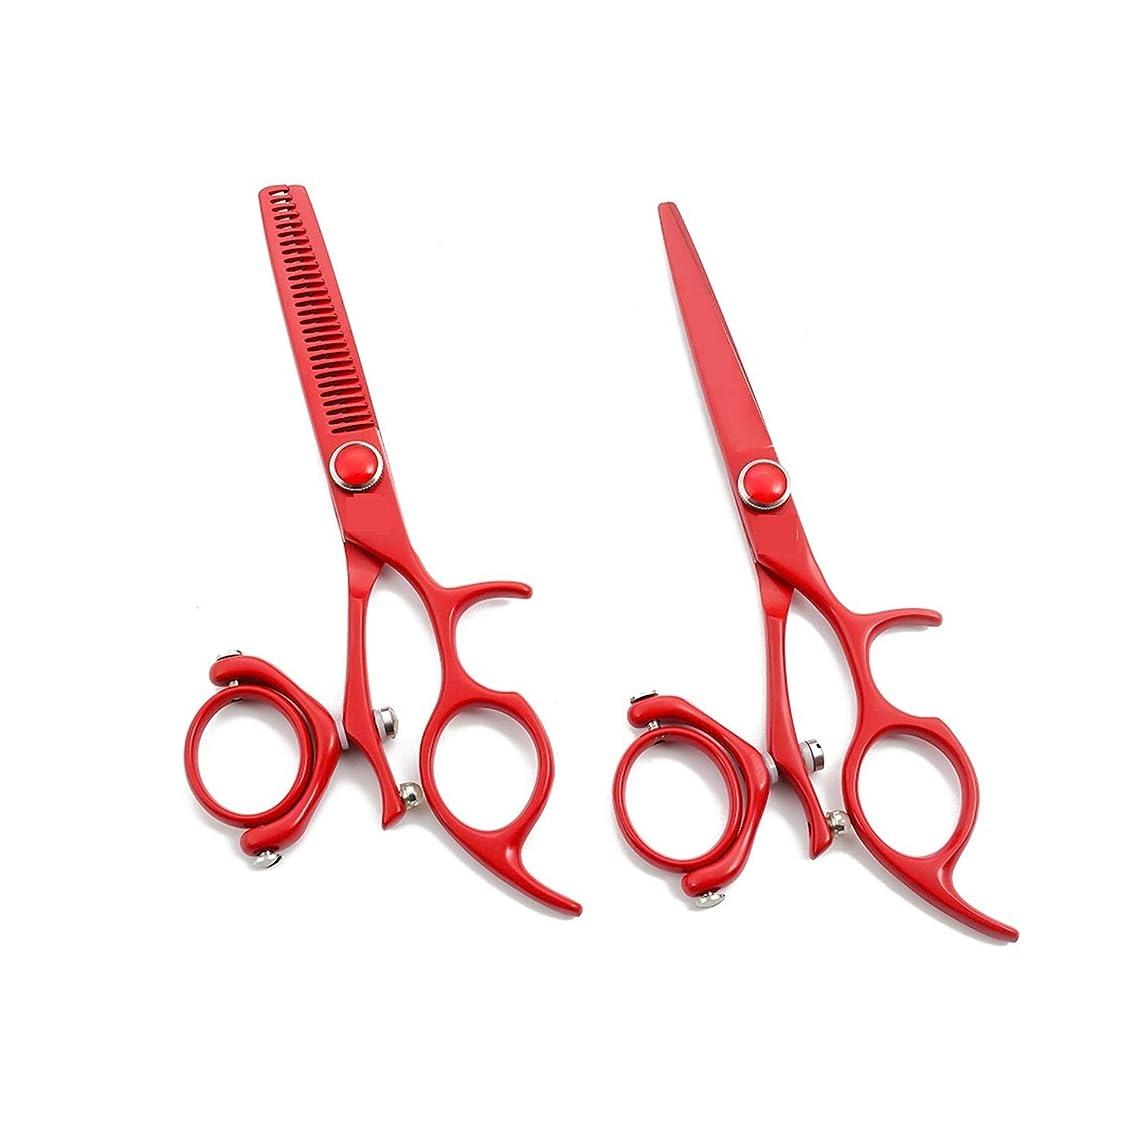 多様体近傍解くシザー カットシザー プロの理髪師用はさみセット - 赤飛ぶはさみ/回転ハンドル/理髪用はさみ/平せん断用はさみ/間伐用はさみ理髪師の特別5.5インチ(2はさみ) ヘアカット シザー